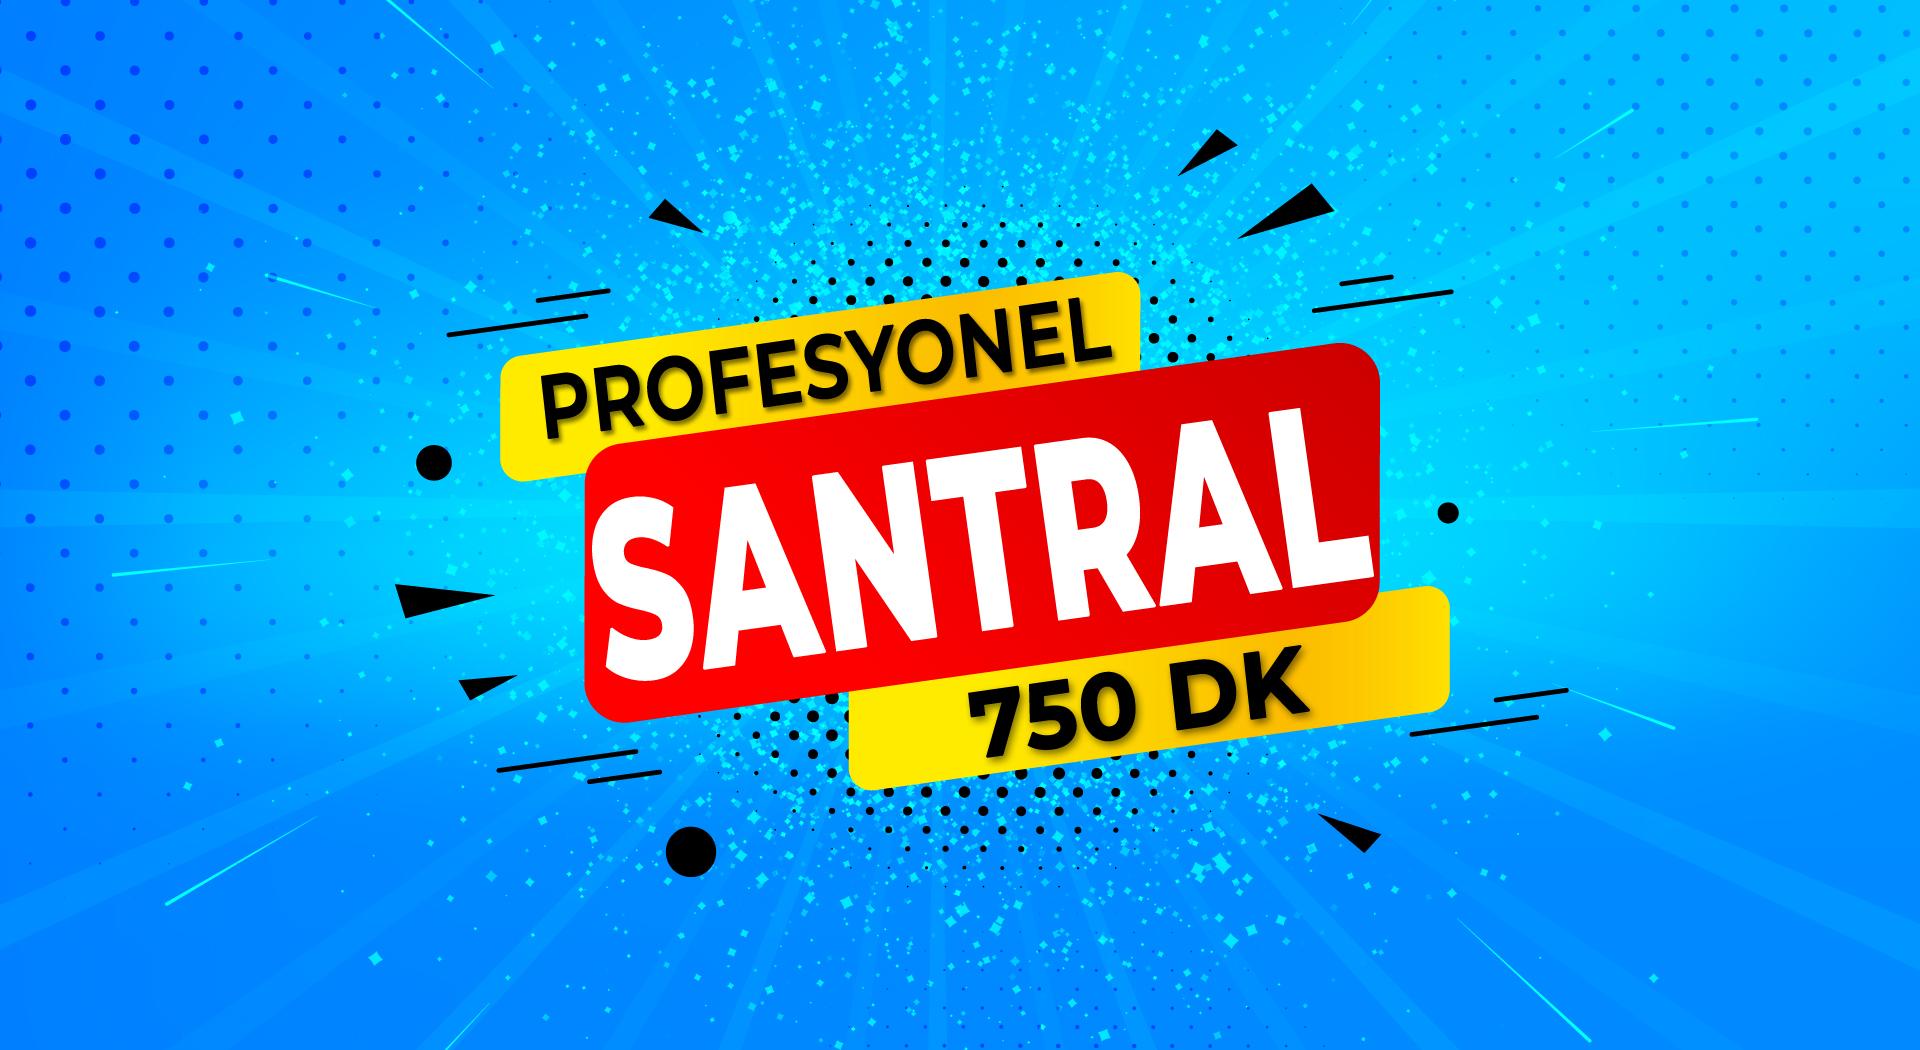 Profesyonel Santral + Her Yöne 750 DK